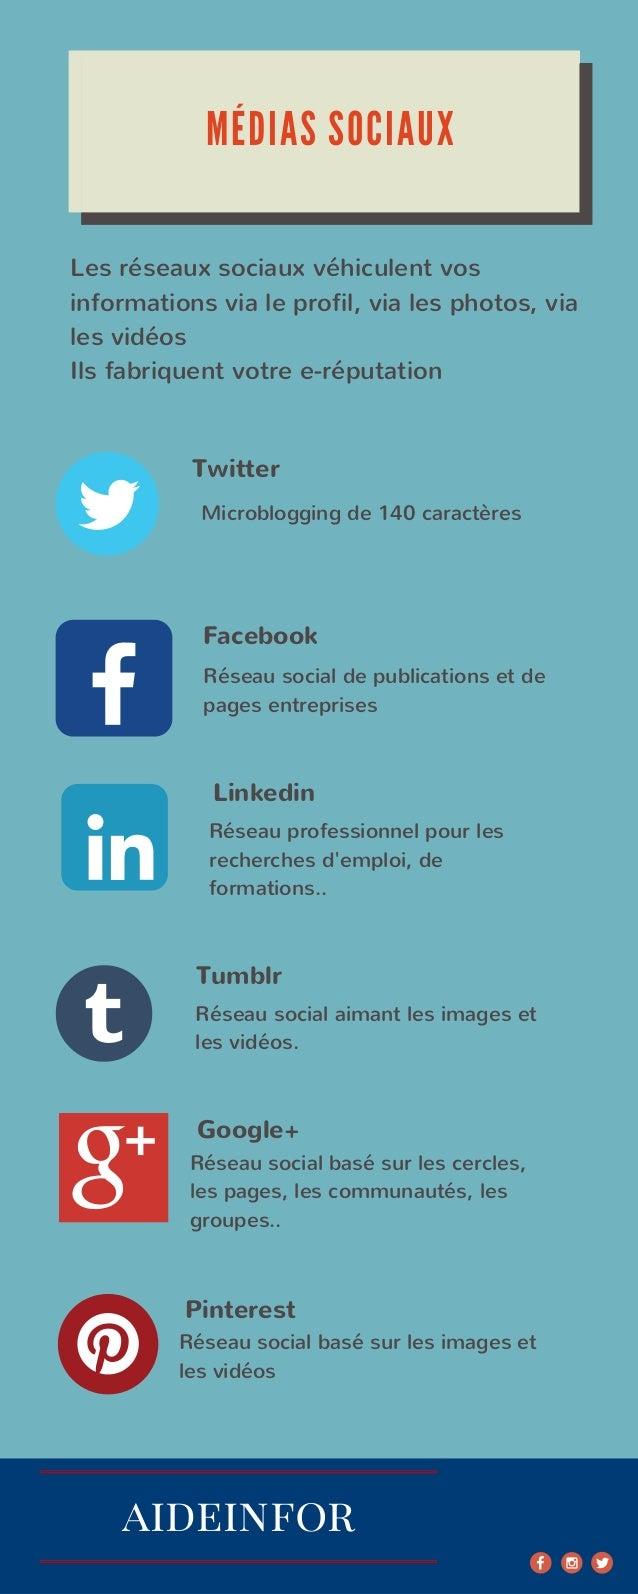 MÉDIA S SOCIA UX Les réseaux sociaux véhiculent vos informations via le profil, via les photos, via les vidéos Ils fabriqu...